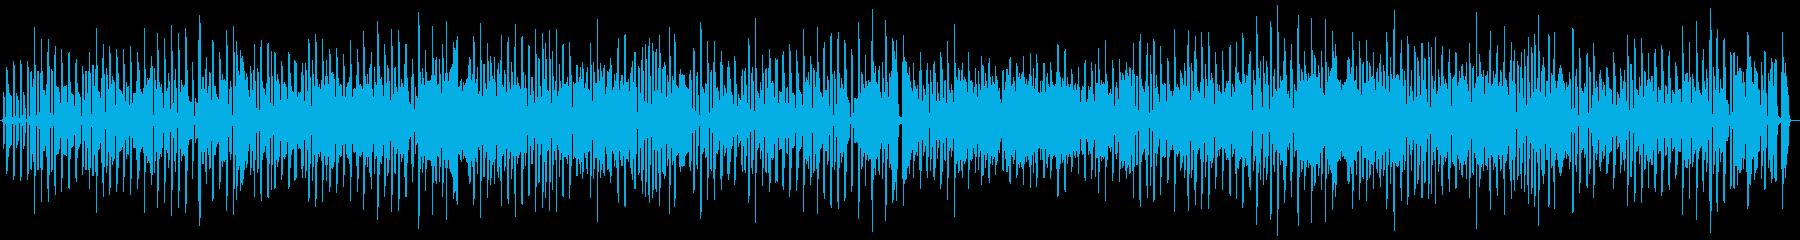 ウキウキで楽しげな口笛とウクレレのBGMの再生済みの波形